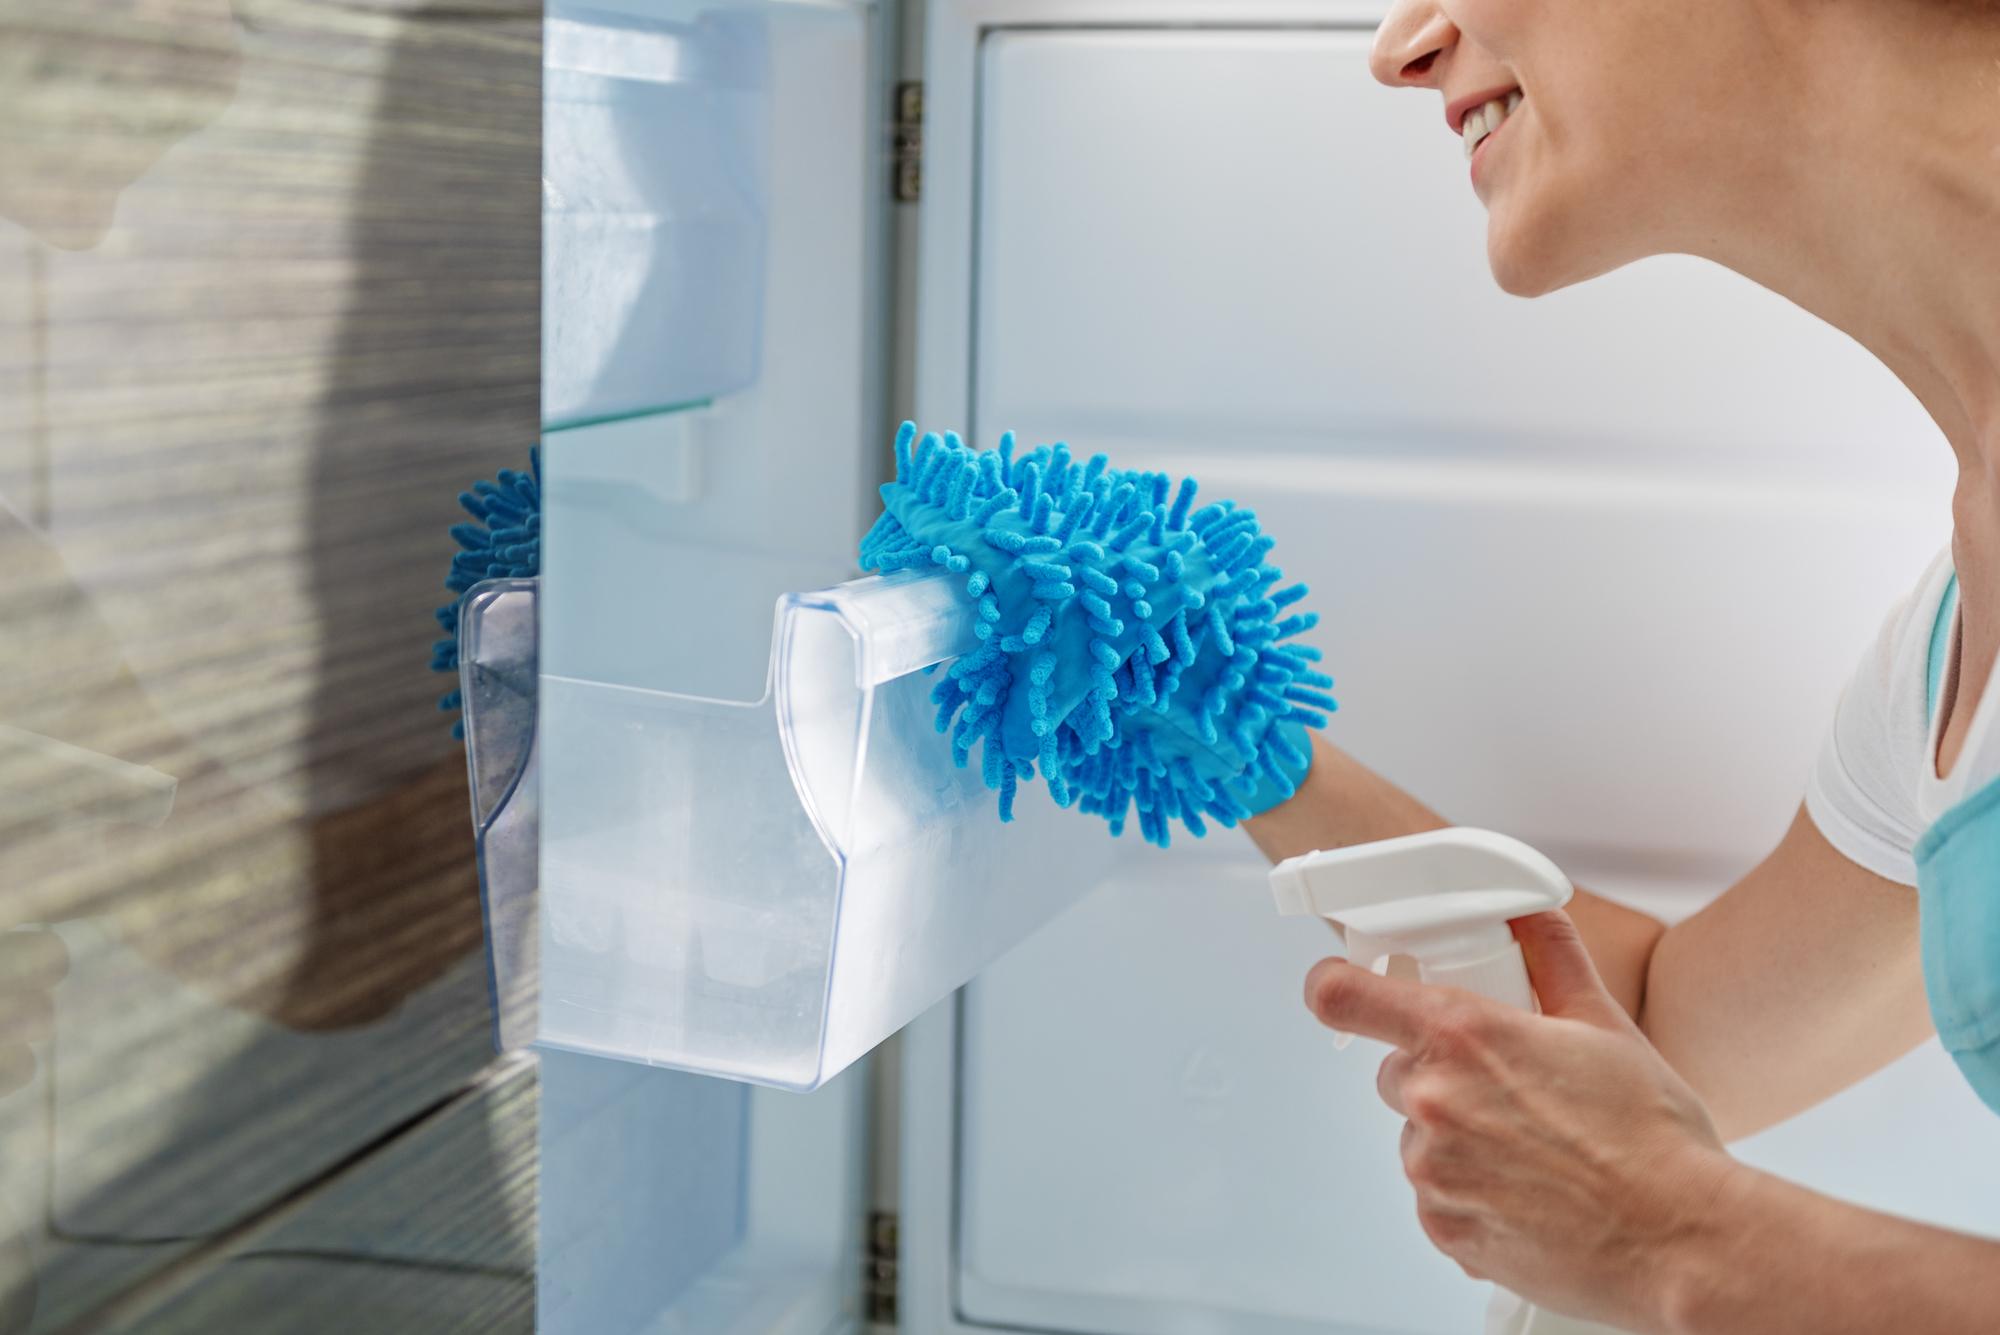 冷蔵庫を掃除する人